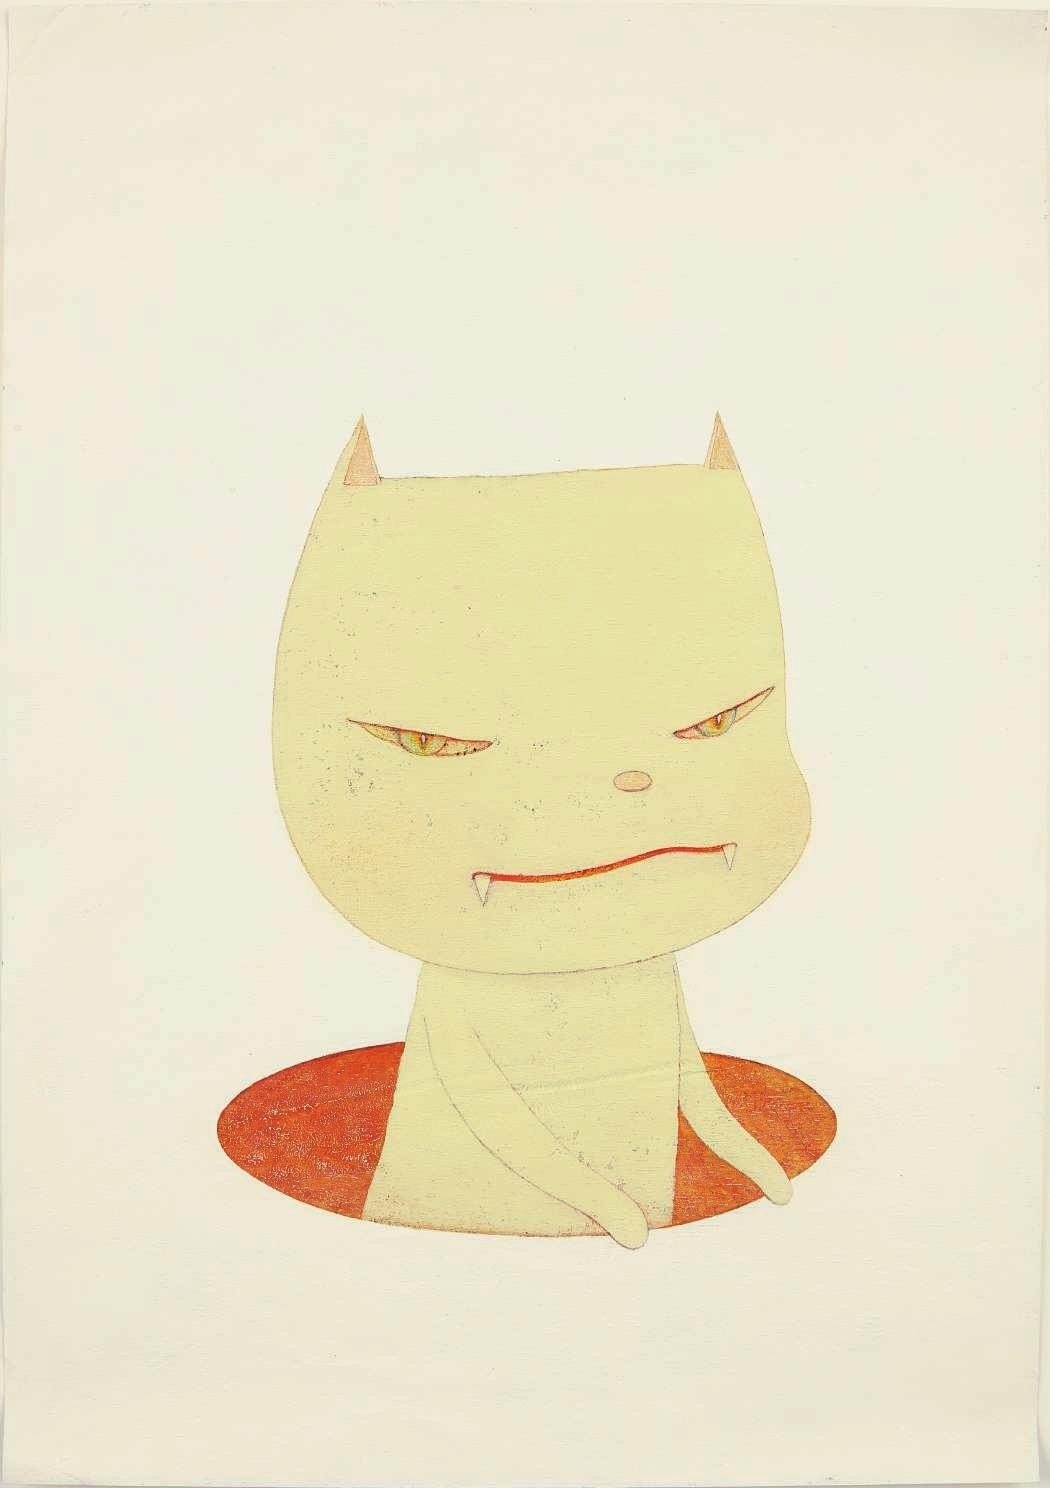 Yoshitomo Nara - White Night Cat (2002)